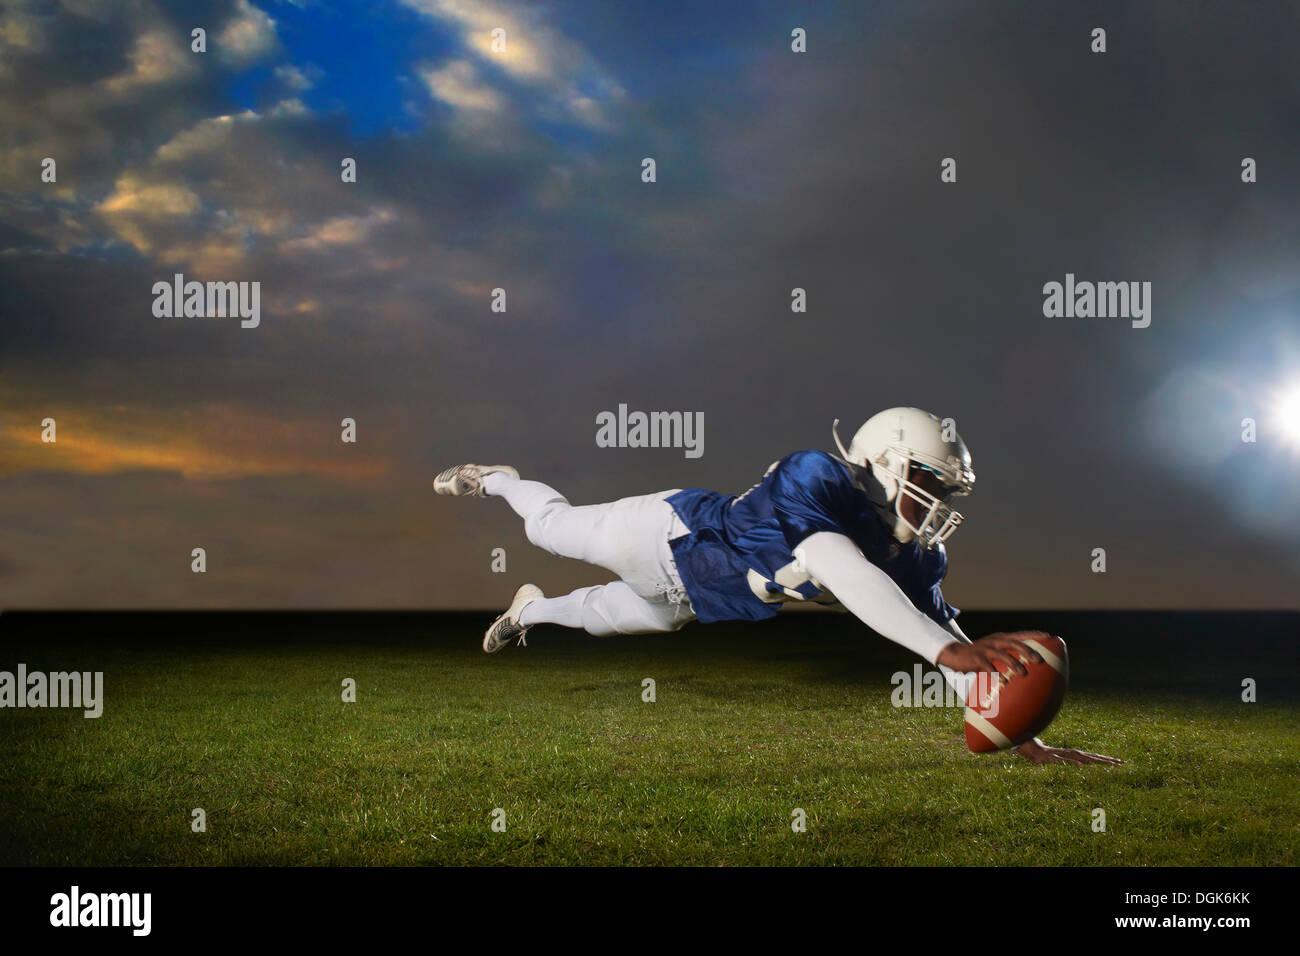 Giocatore di football americano raggiungendo per touch down Immagini Stock